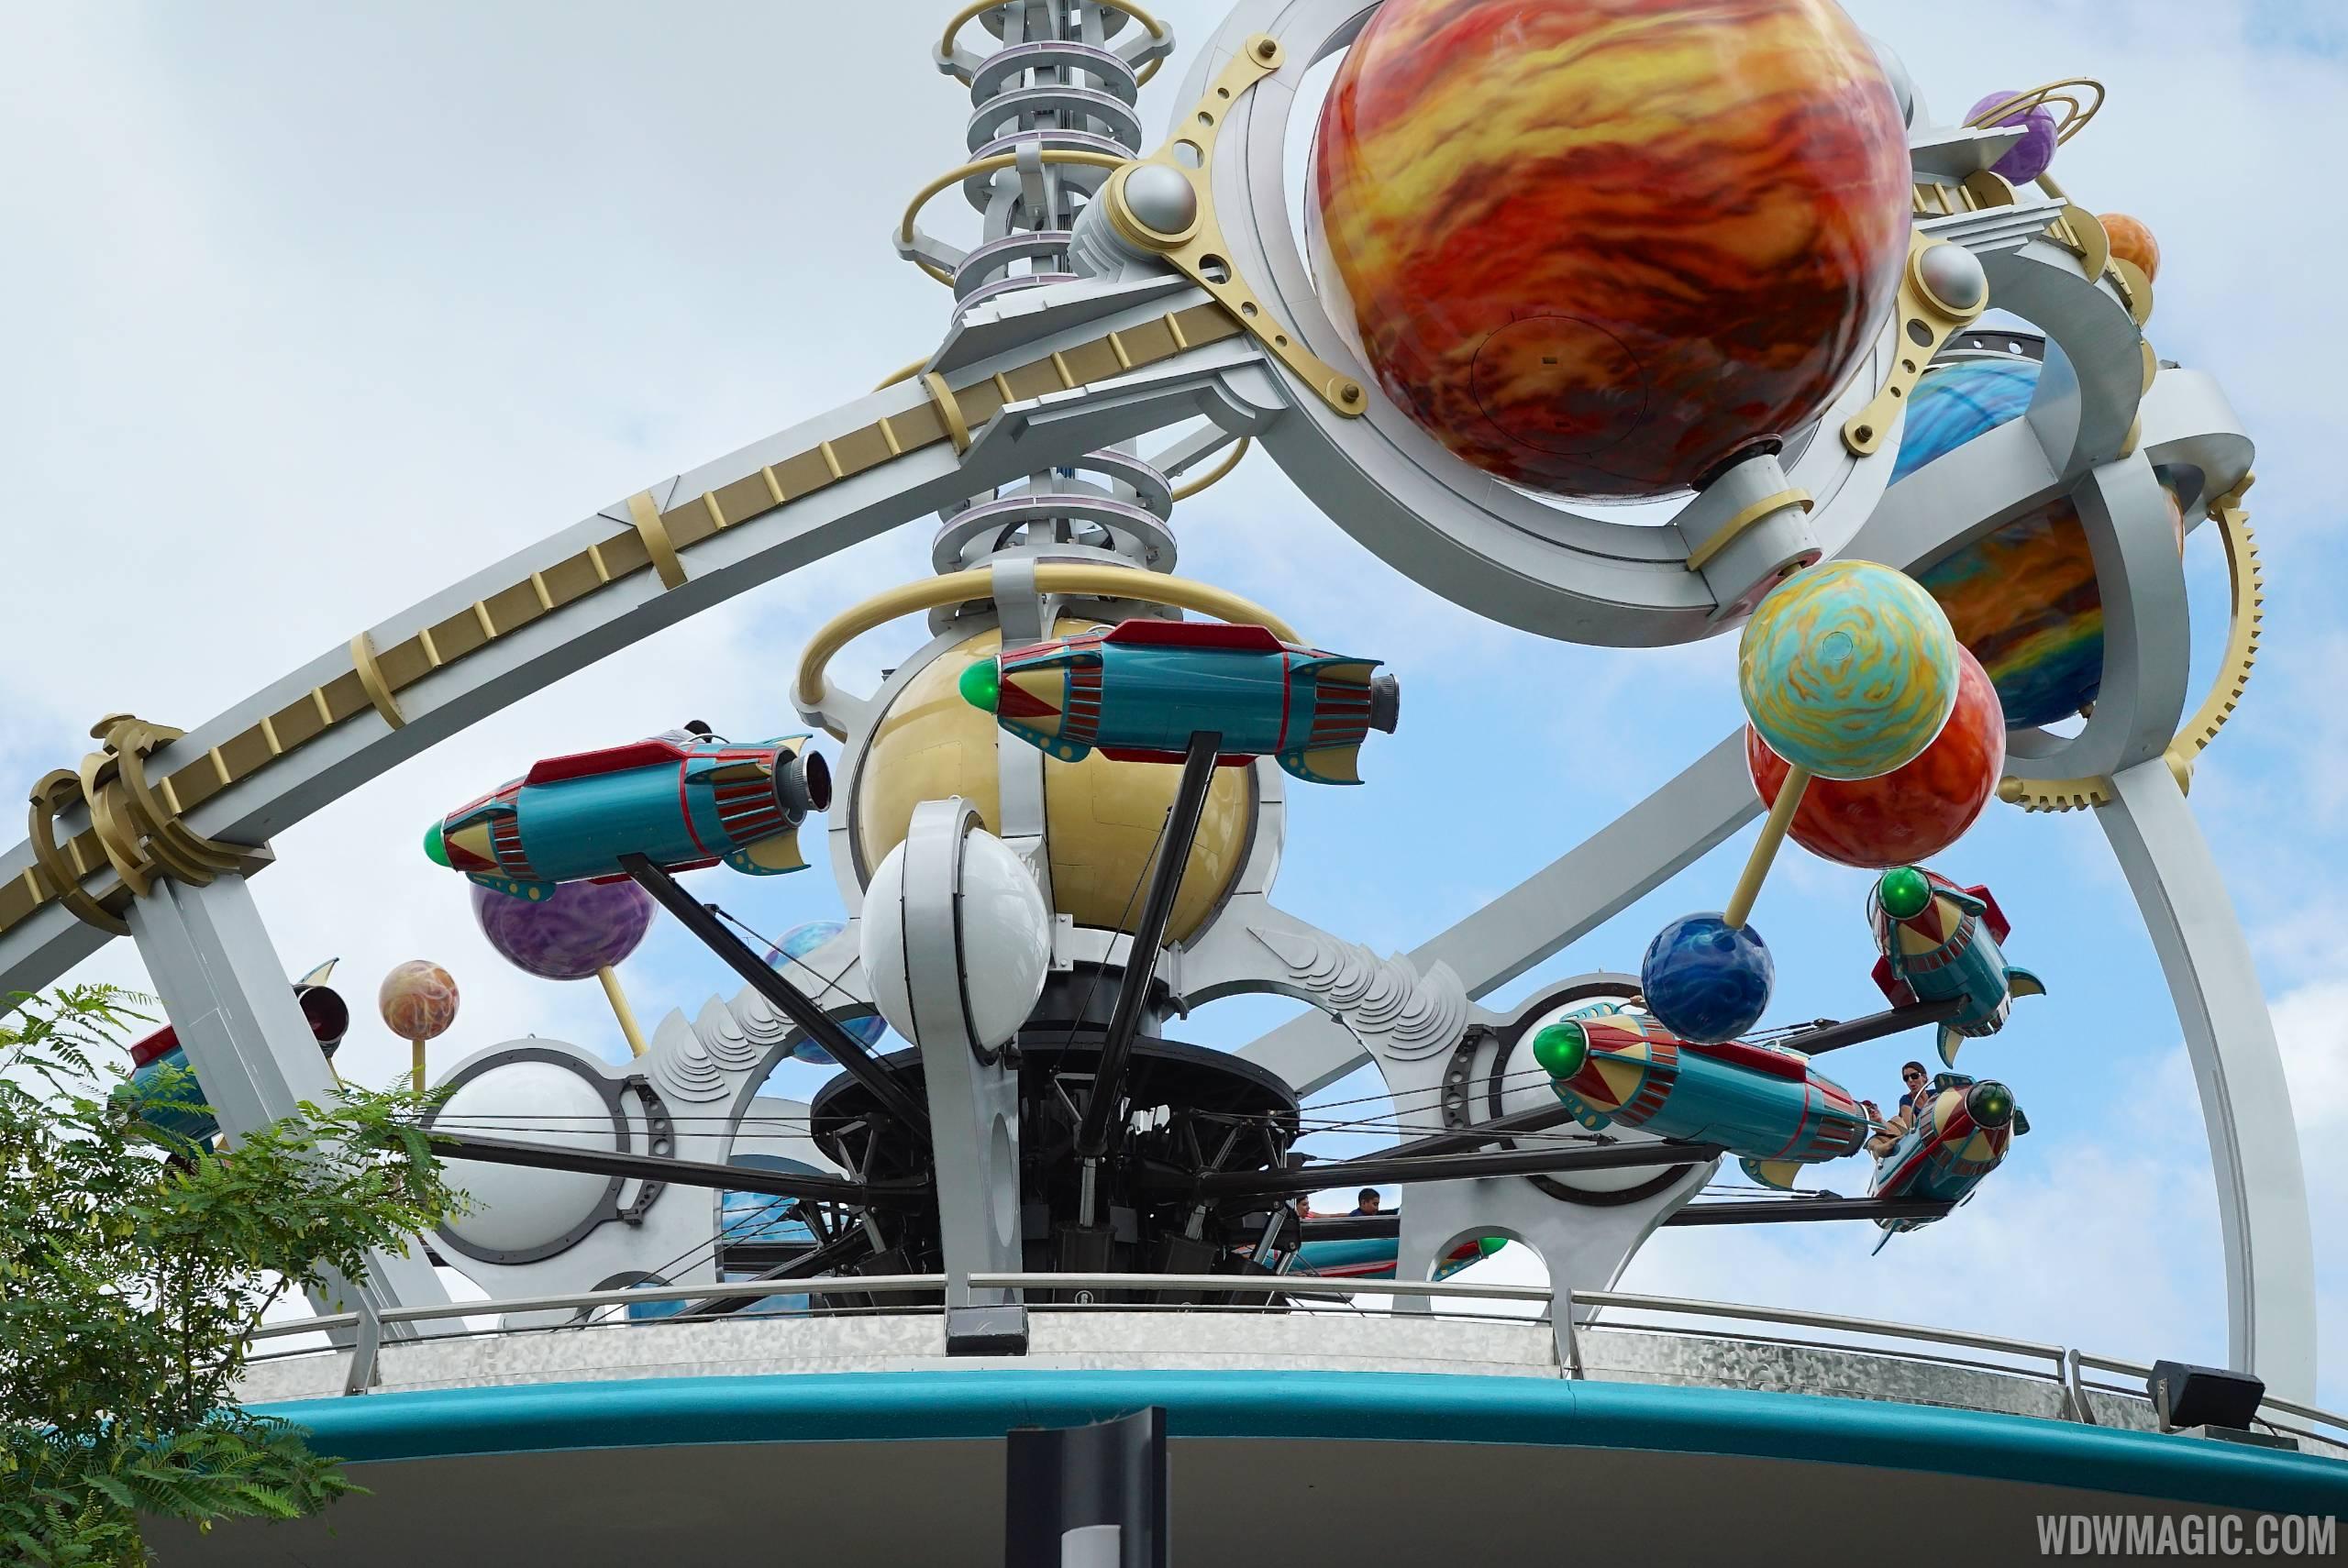 Astro Orbiter reopen after refurbishment